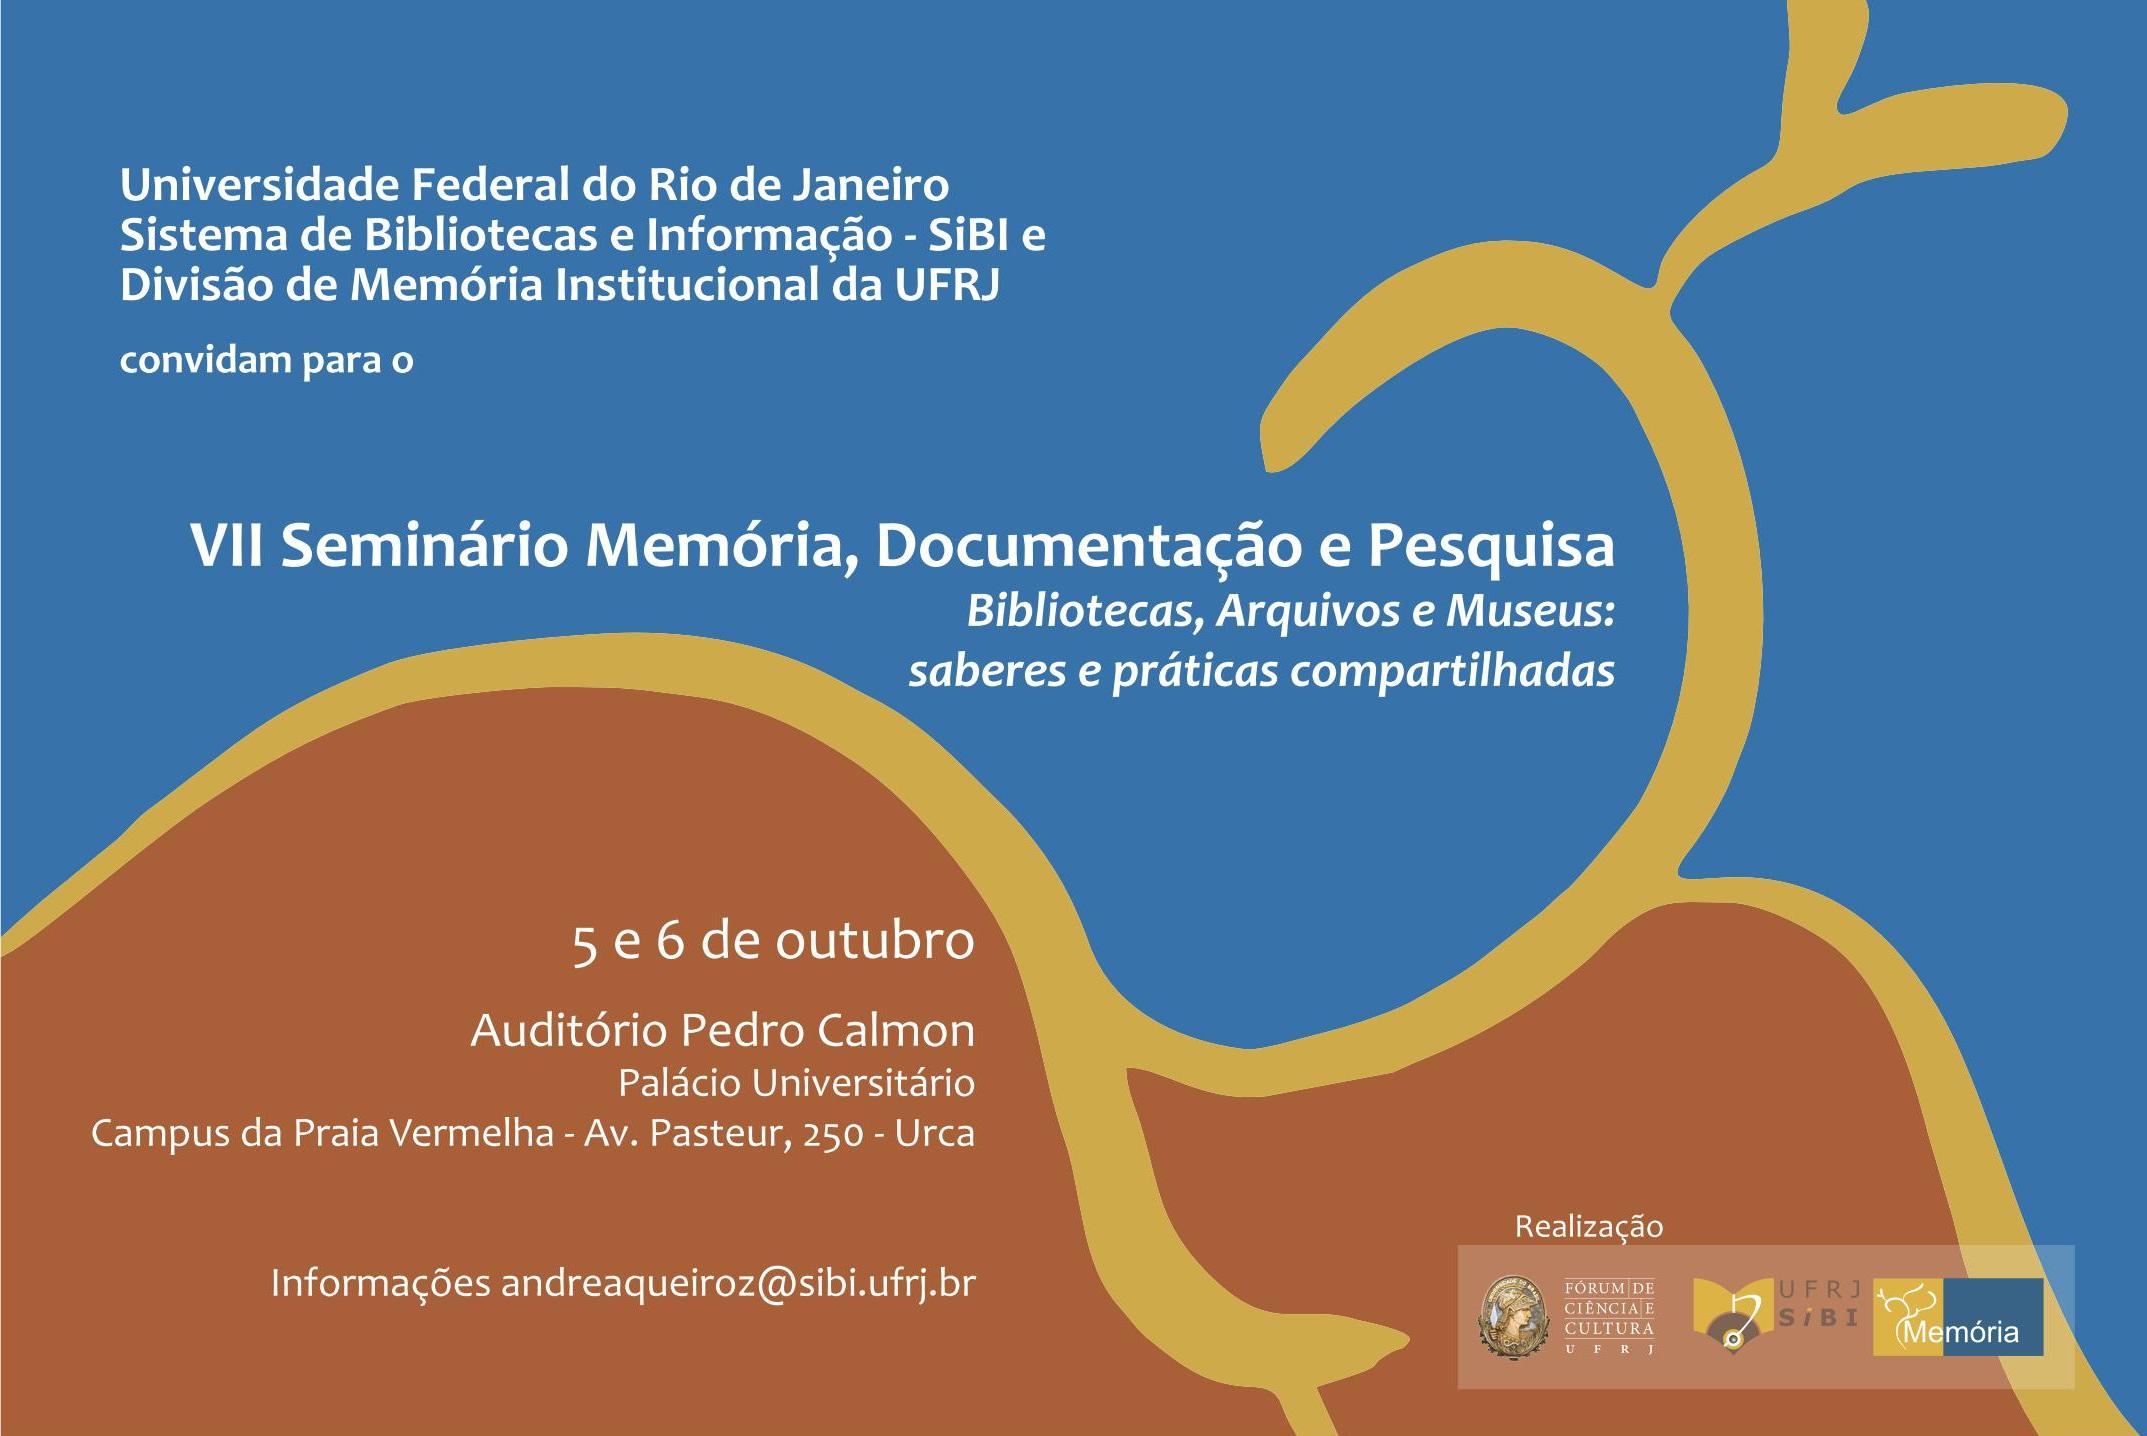 convite-vii-seminario-memoria-documentacao-e-pesquisa